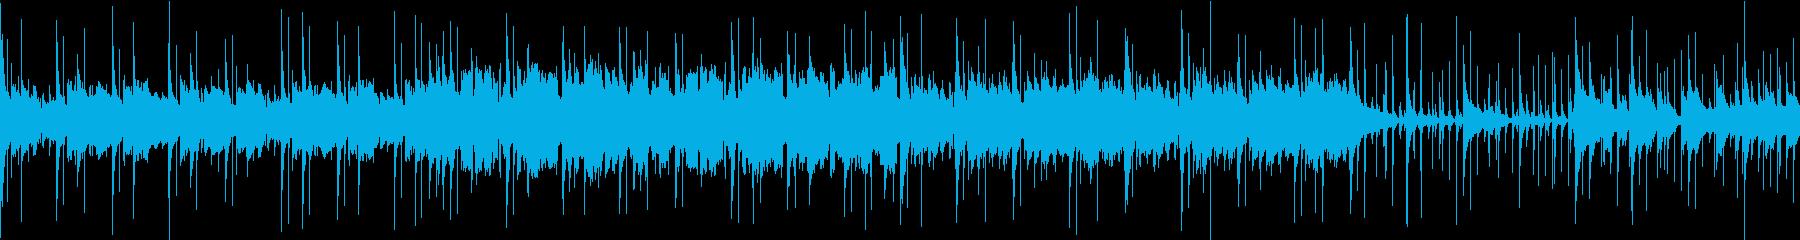 民族音楽風/RPG/ループ可能BGMの再生済みの波形